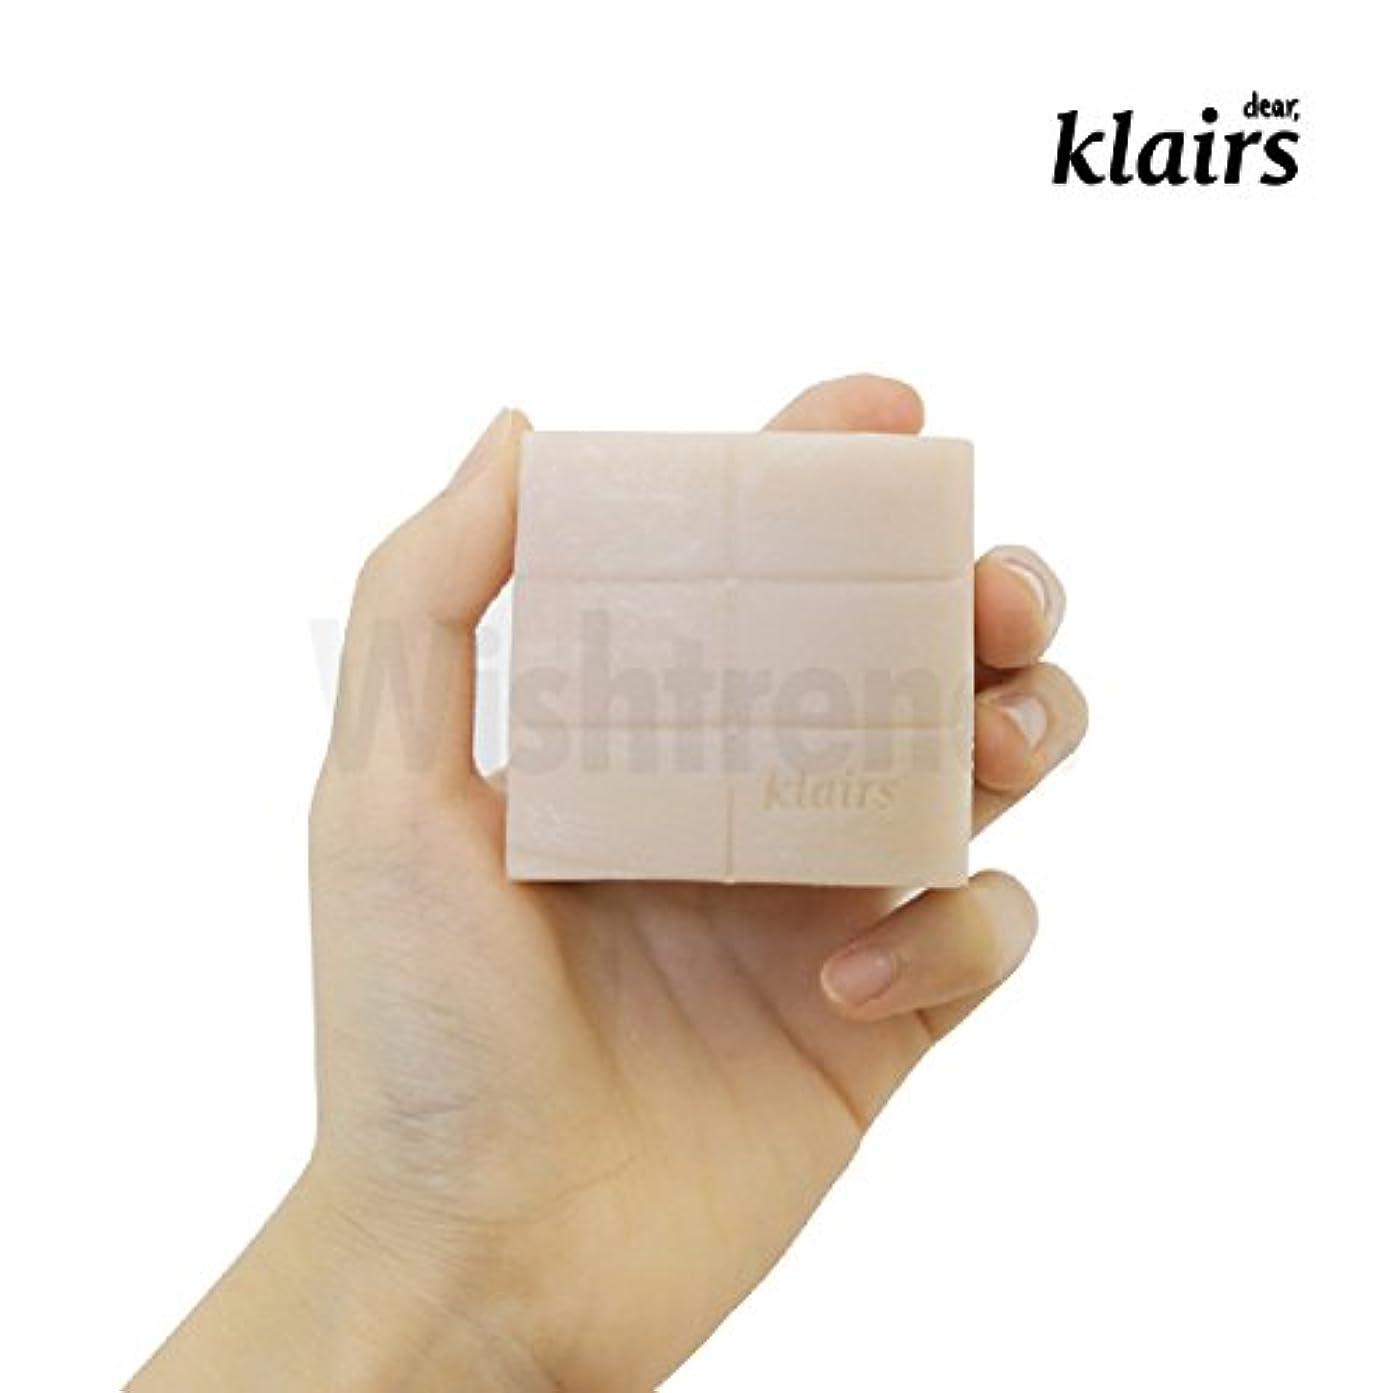 デンプシー幾分振幅【クレアス】リッチモイストフェイシャルソープ120g|石けん?石鹸?フェイシャルソープ?ソープ?敏感肌|[dear,klairs] Be Clean Natural Soap 120g